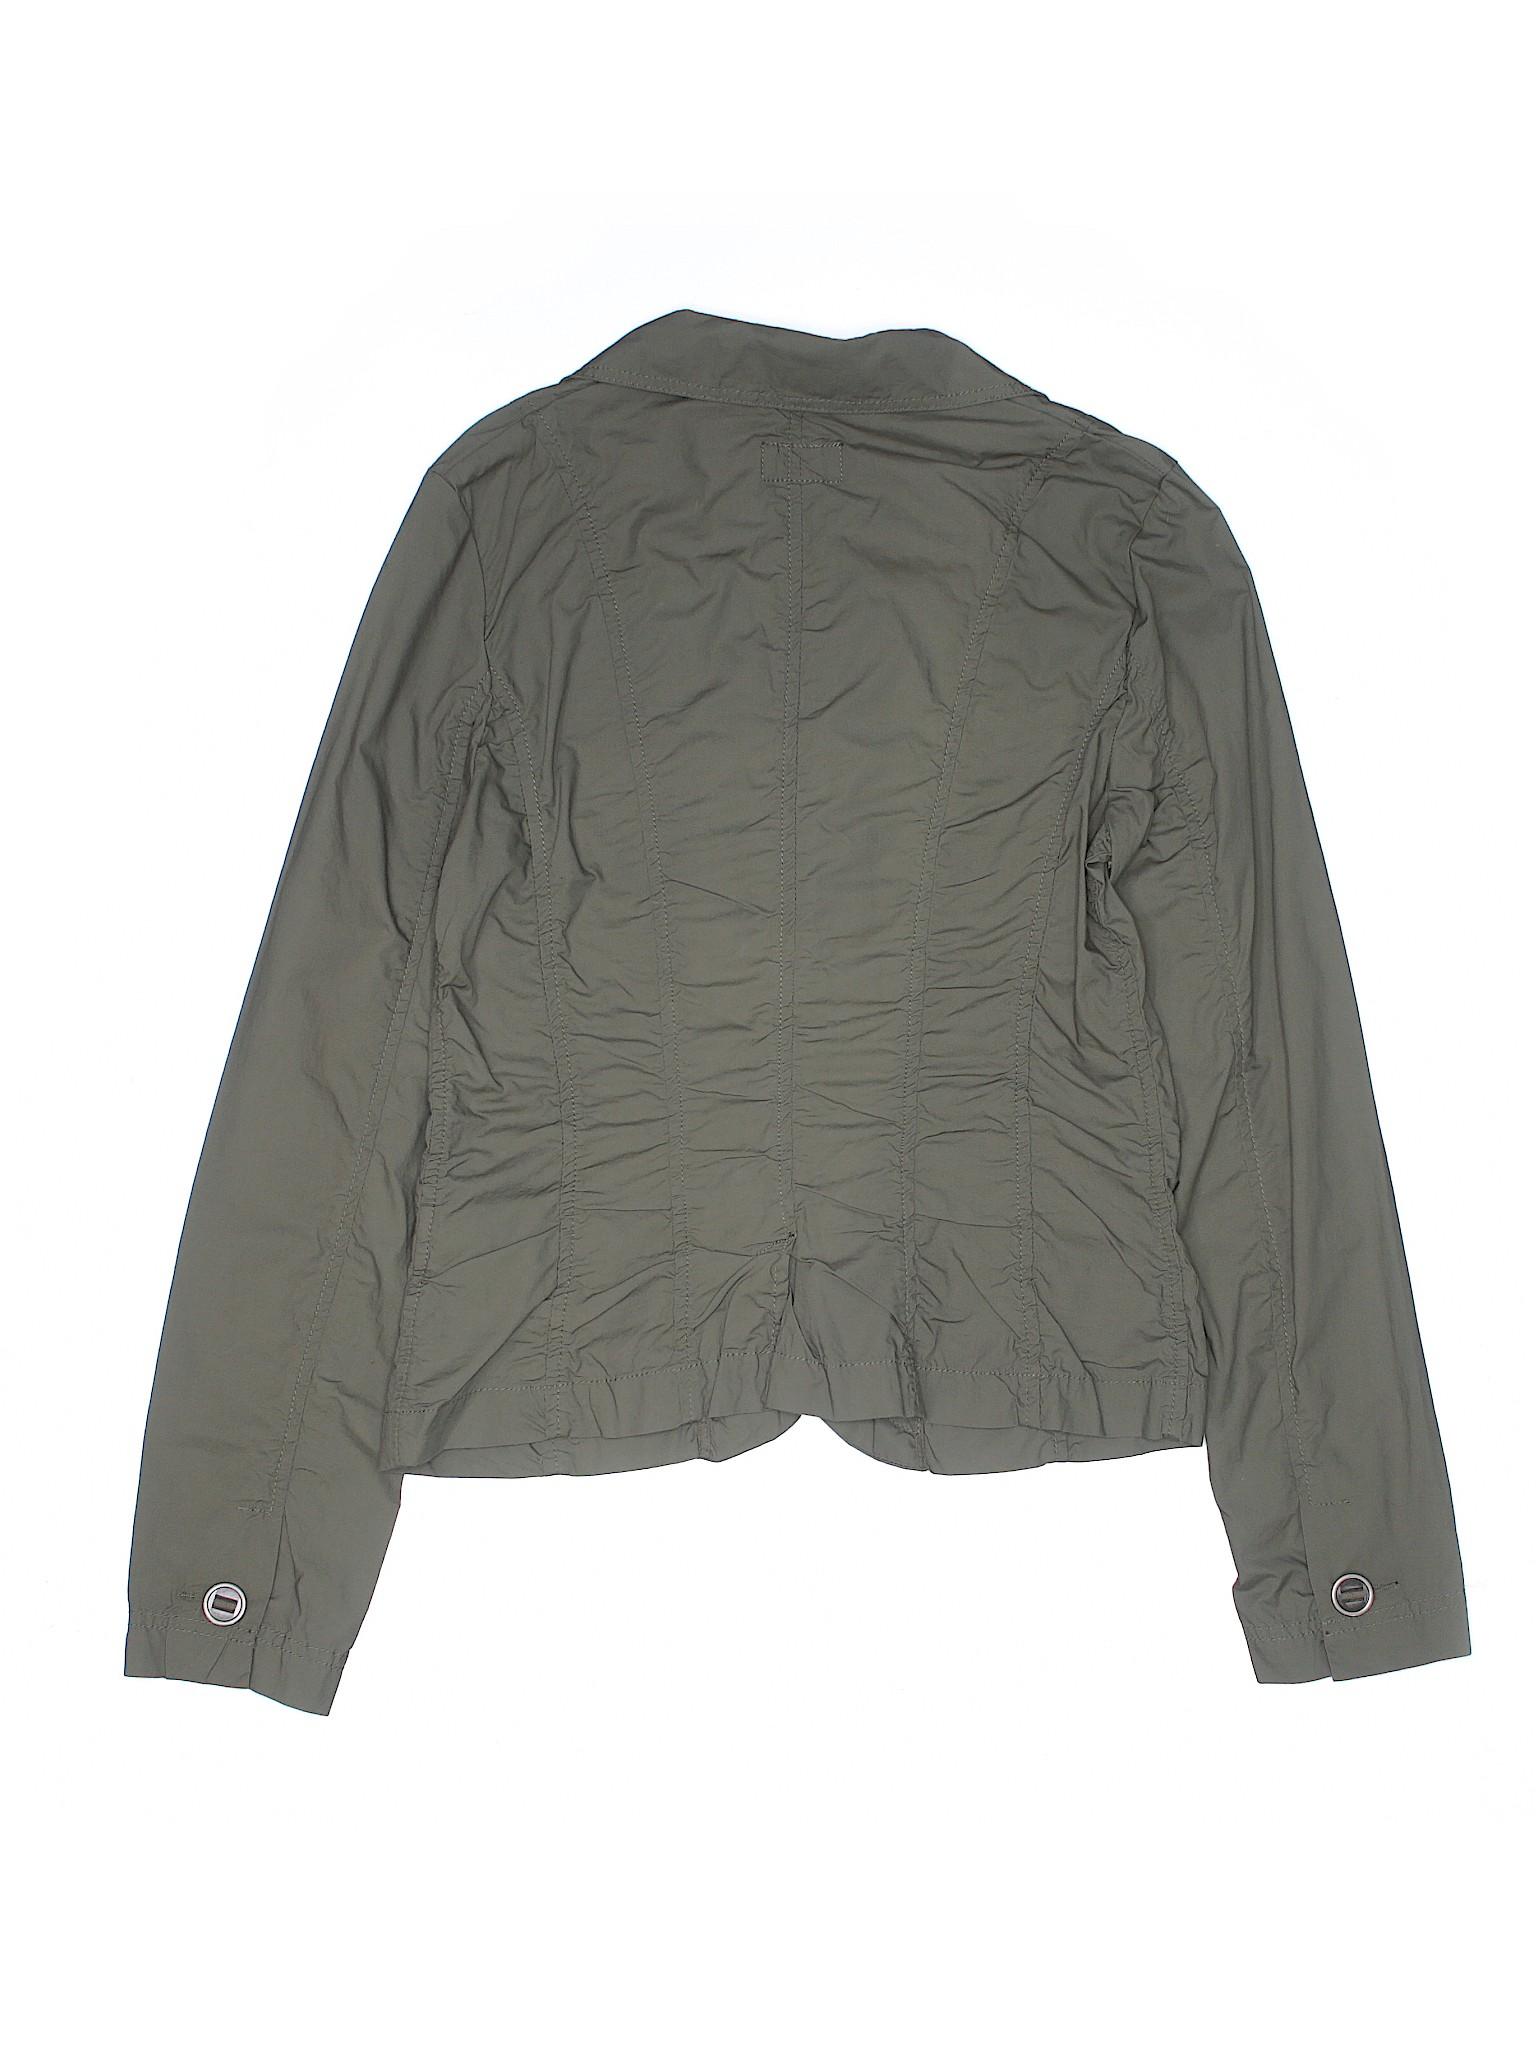 Boutique H winter winter Jacket amp;M Boutique H 1w1Uxrgq6